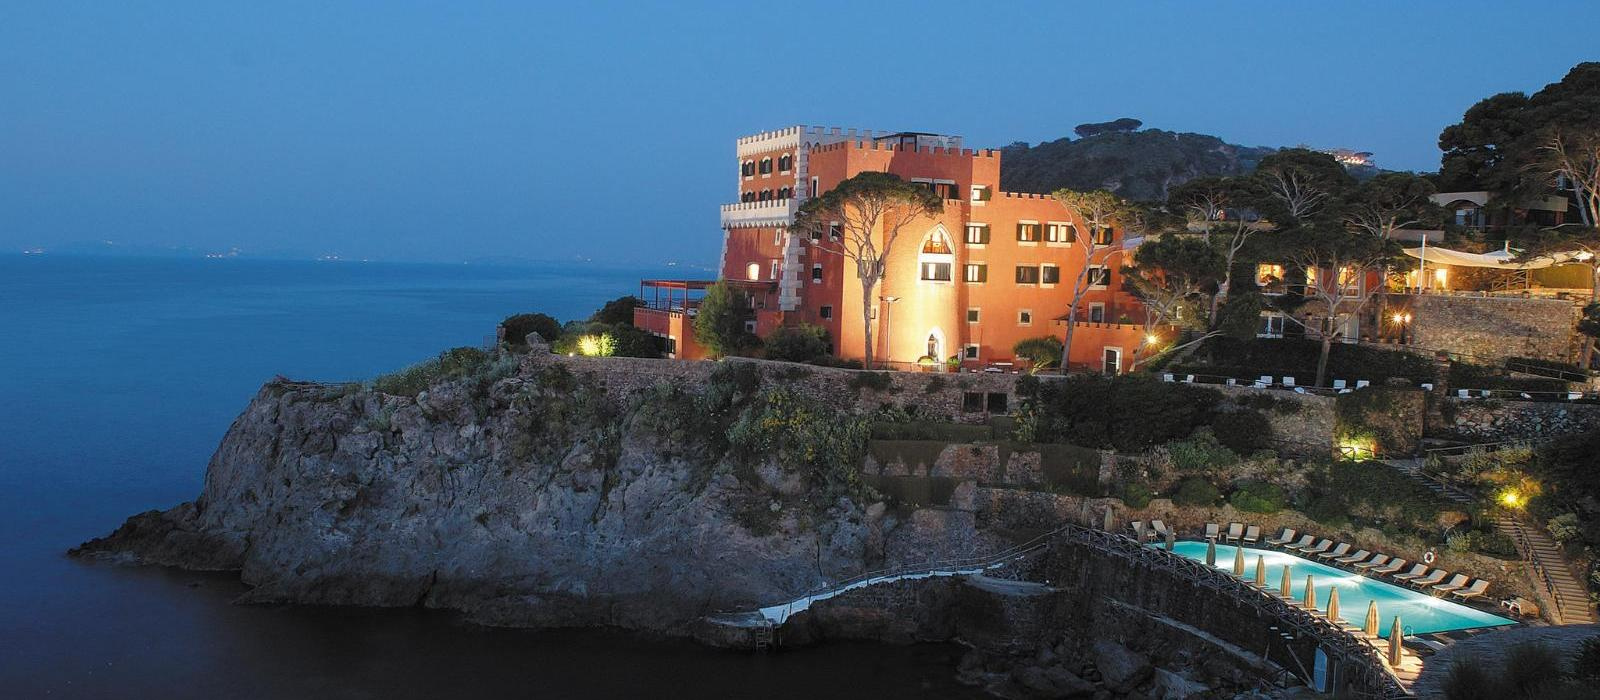 梅萨托雷水疗度假酒店(Mezzatorre Hotel & Thermal Spa) 图片  www.lhw.cn